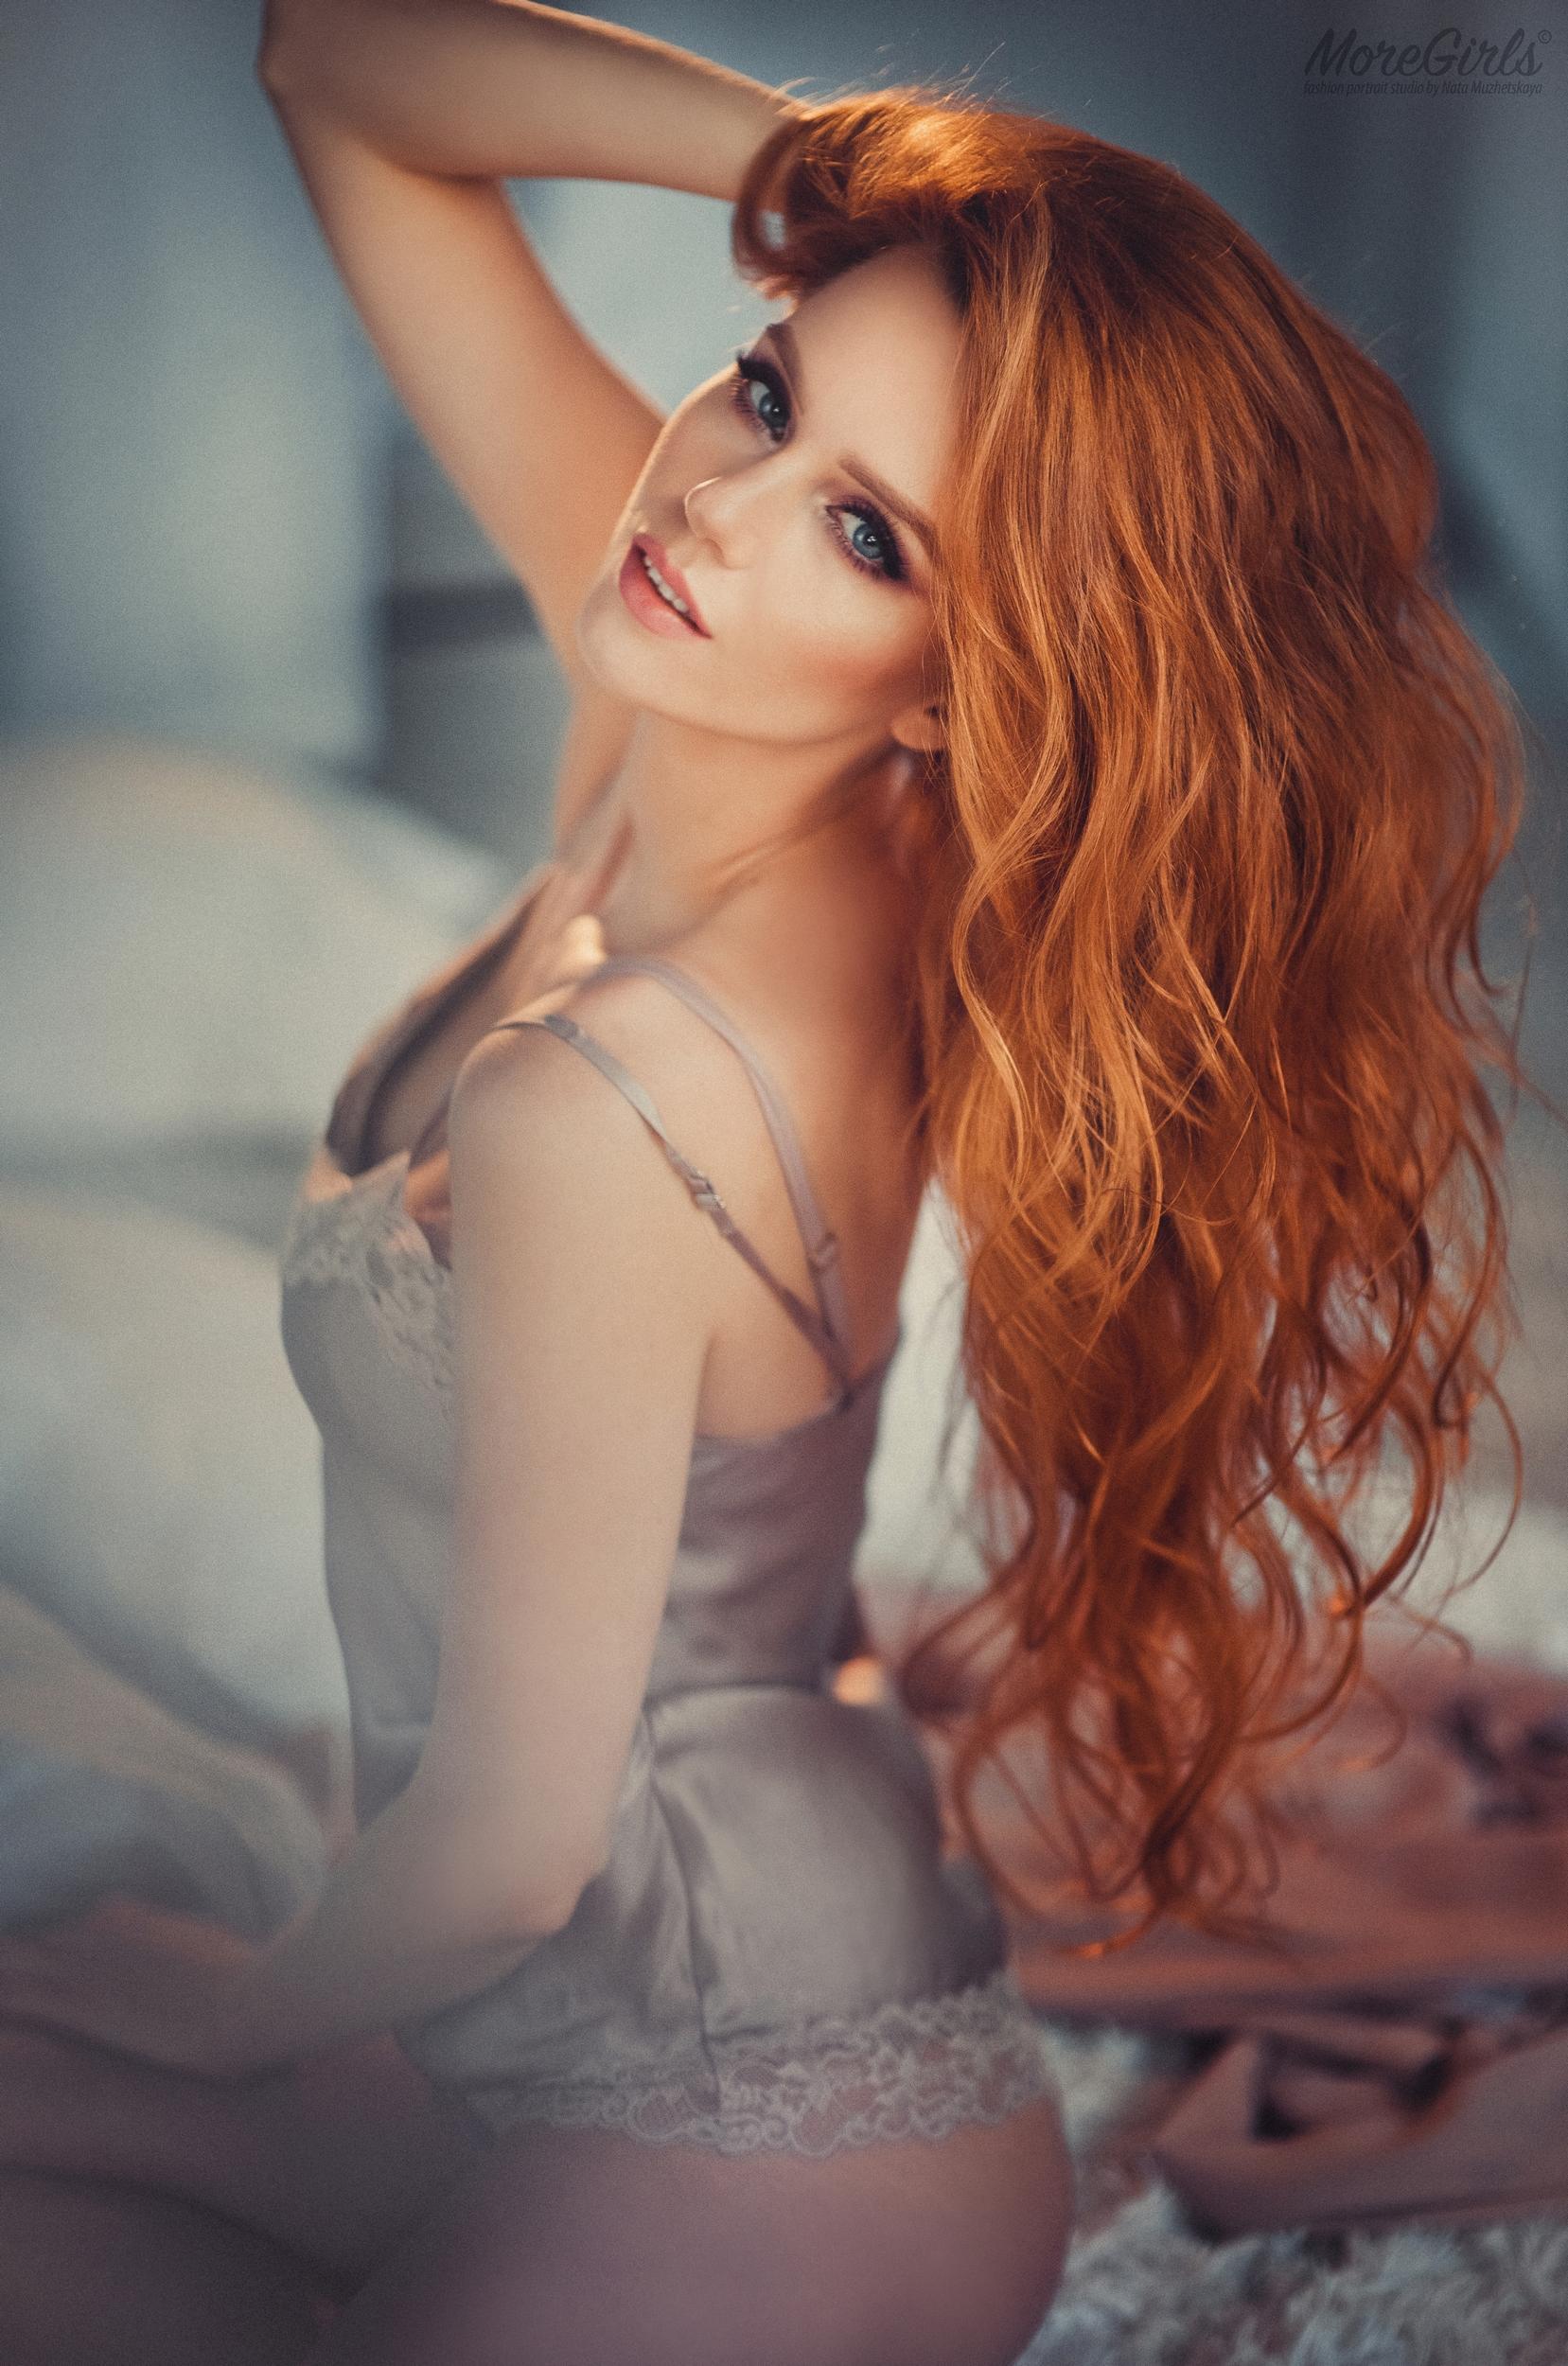 Женский портрет / Фотограф Москва